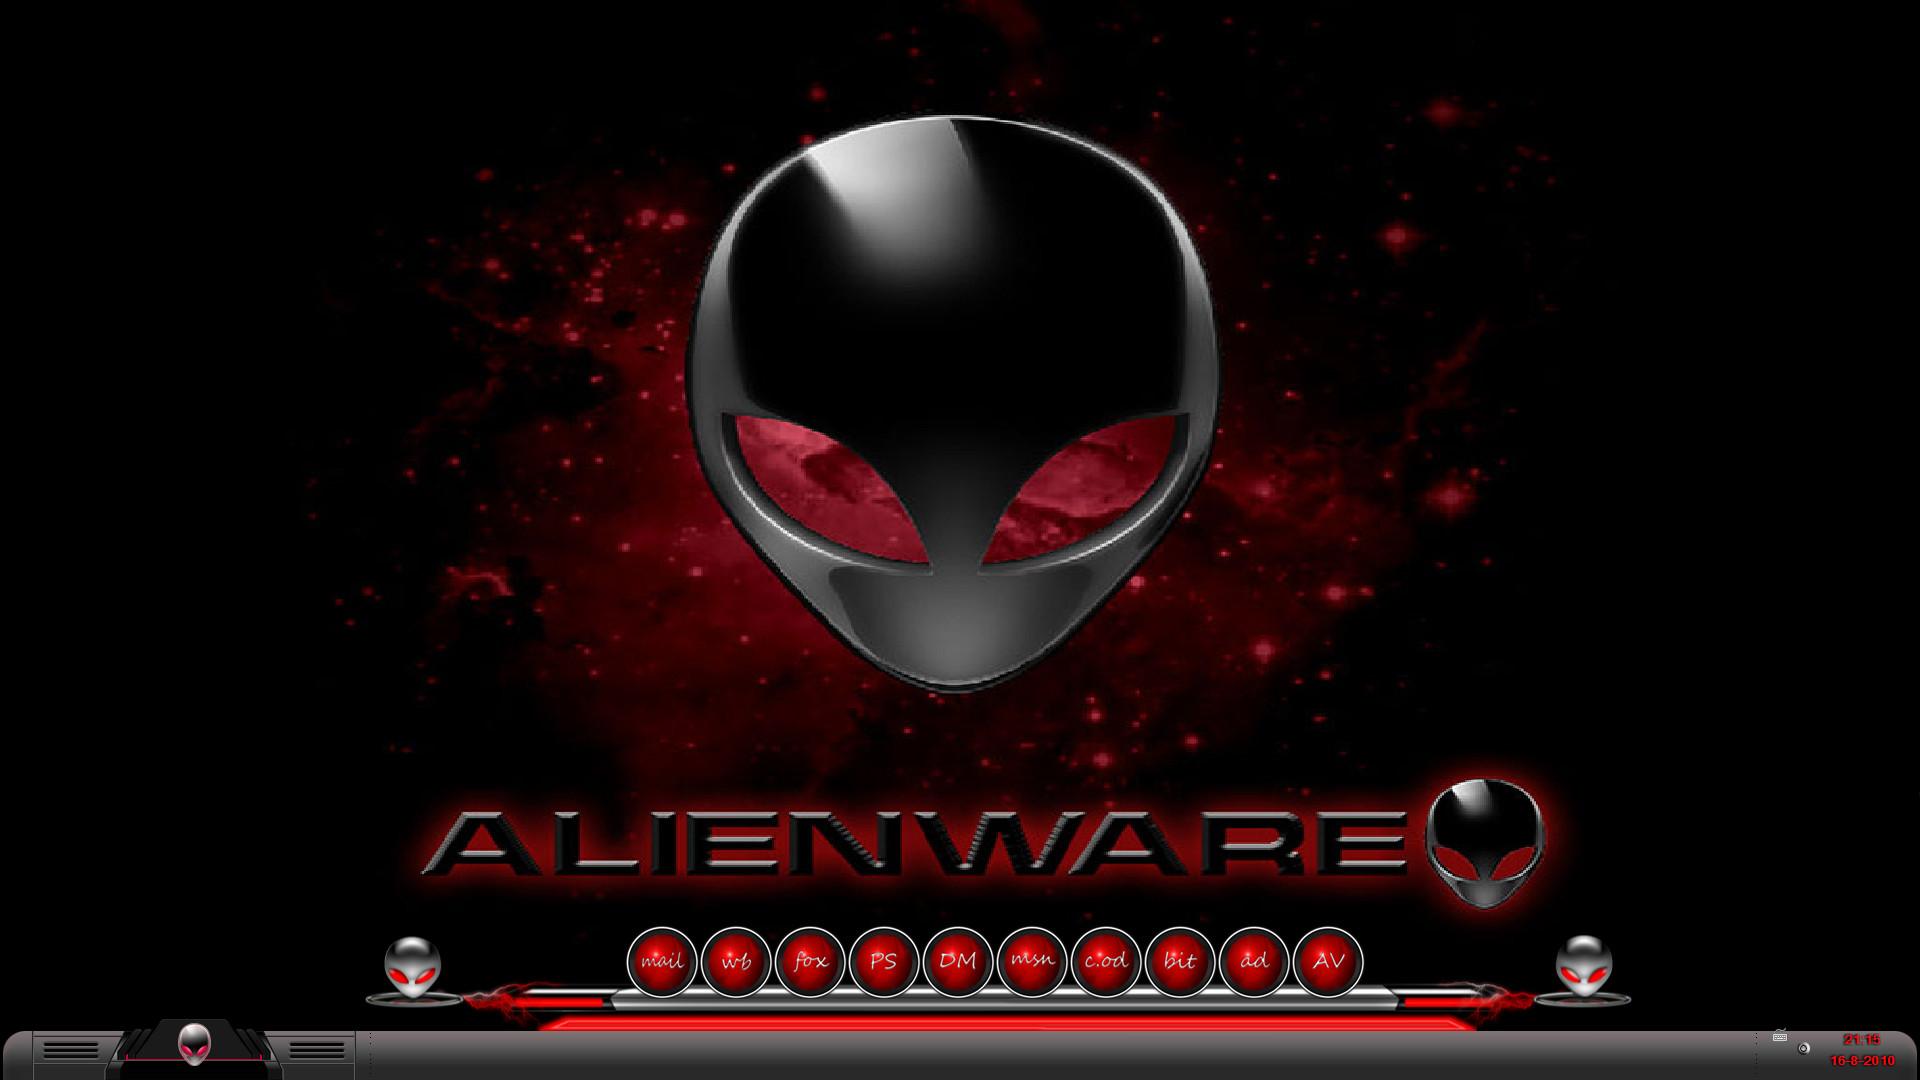 Alienware Hd Wallpapers